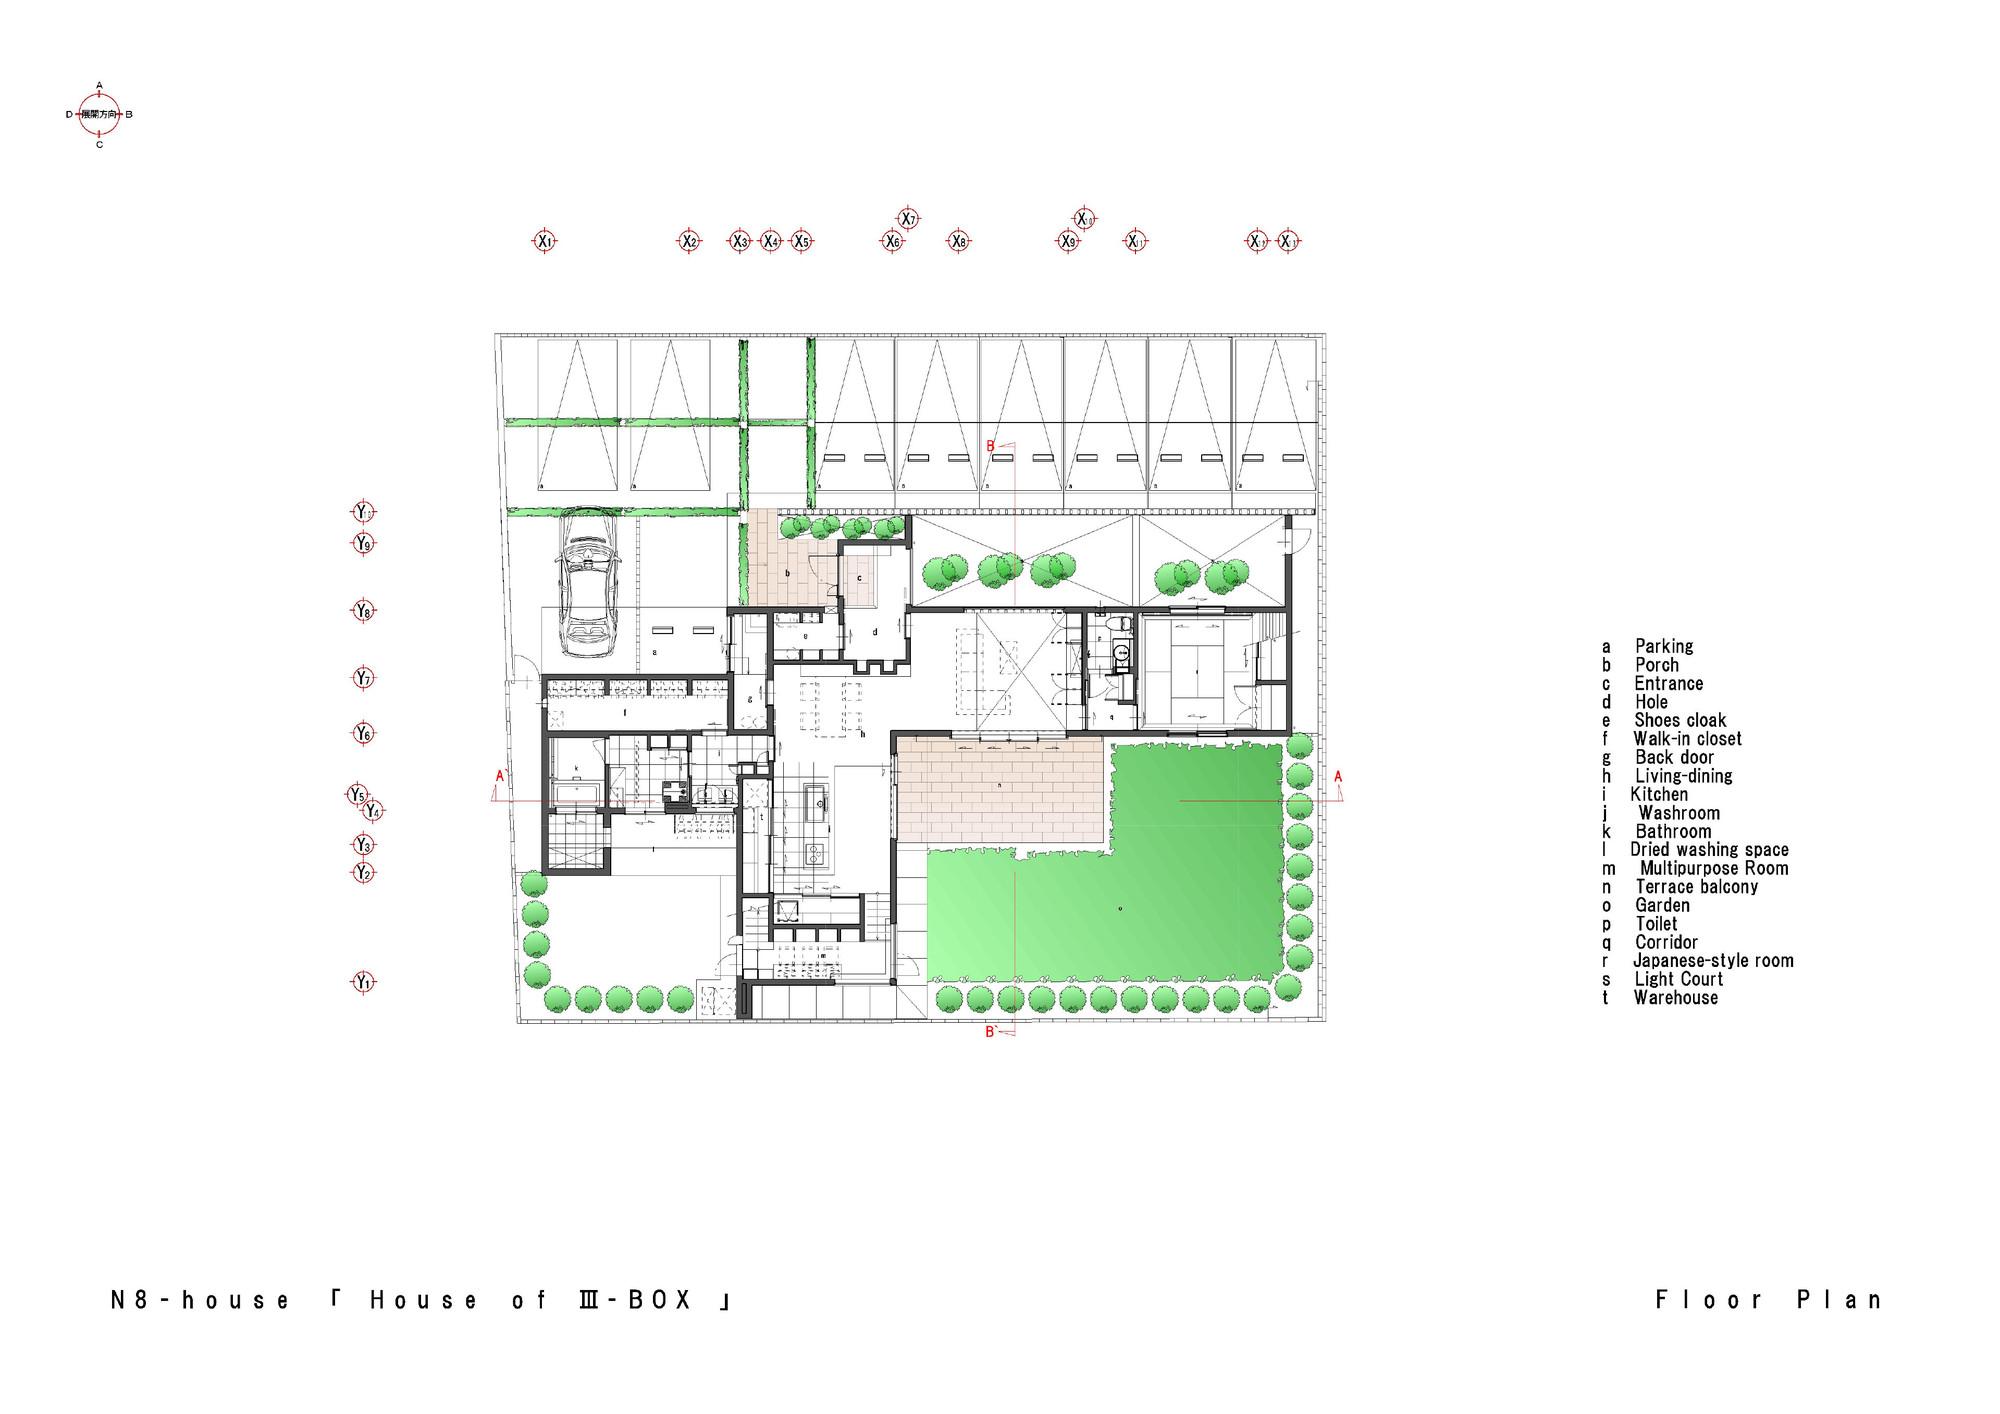 Galer a de casa n8 masahiko sato 30 for Copying house plans